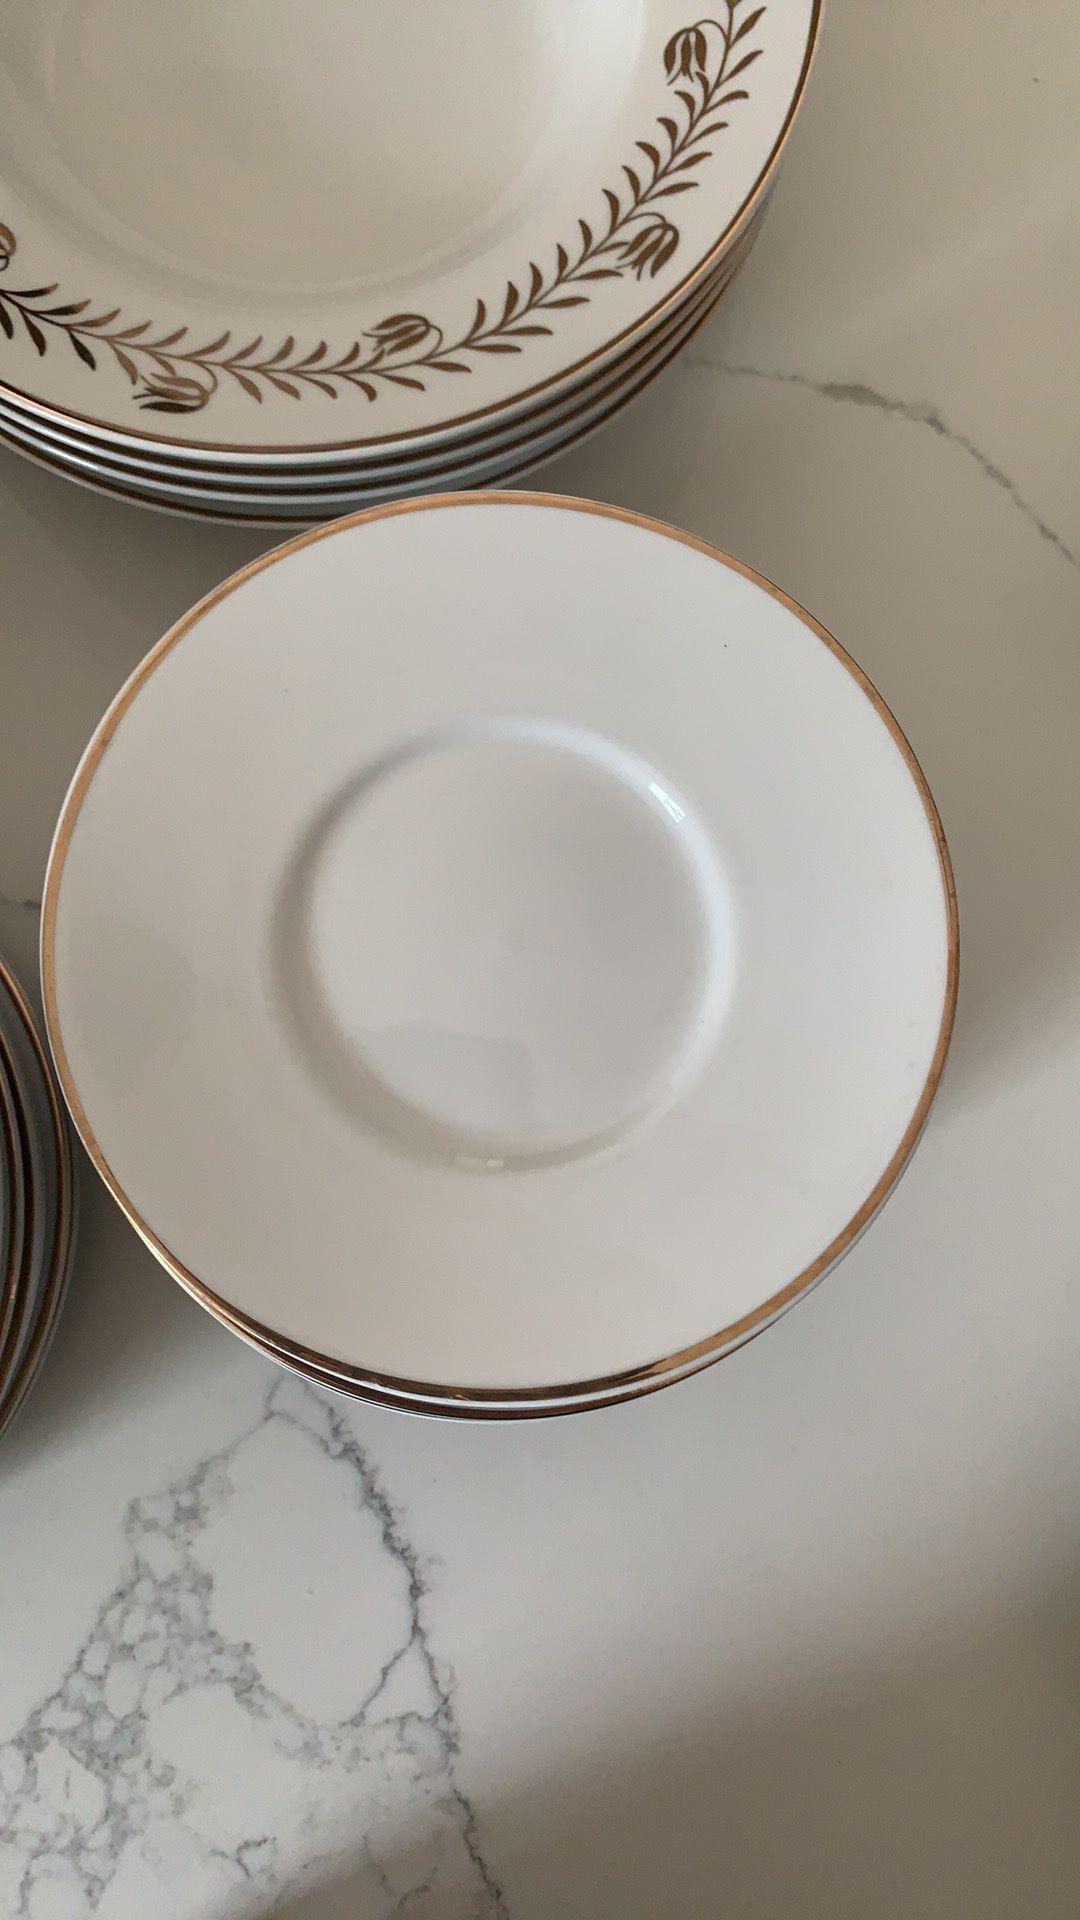 Martha Stewart every day 20 piece dinnerware set